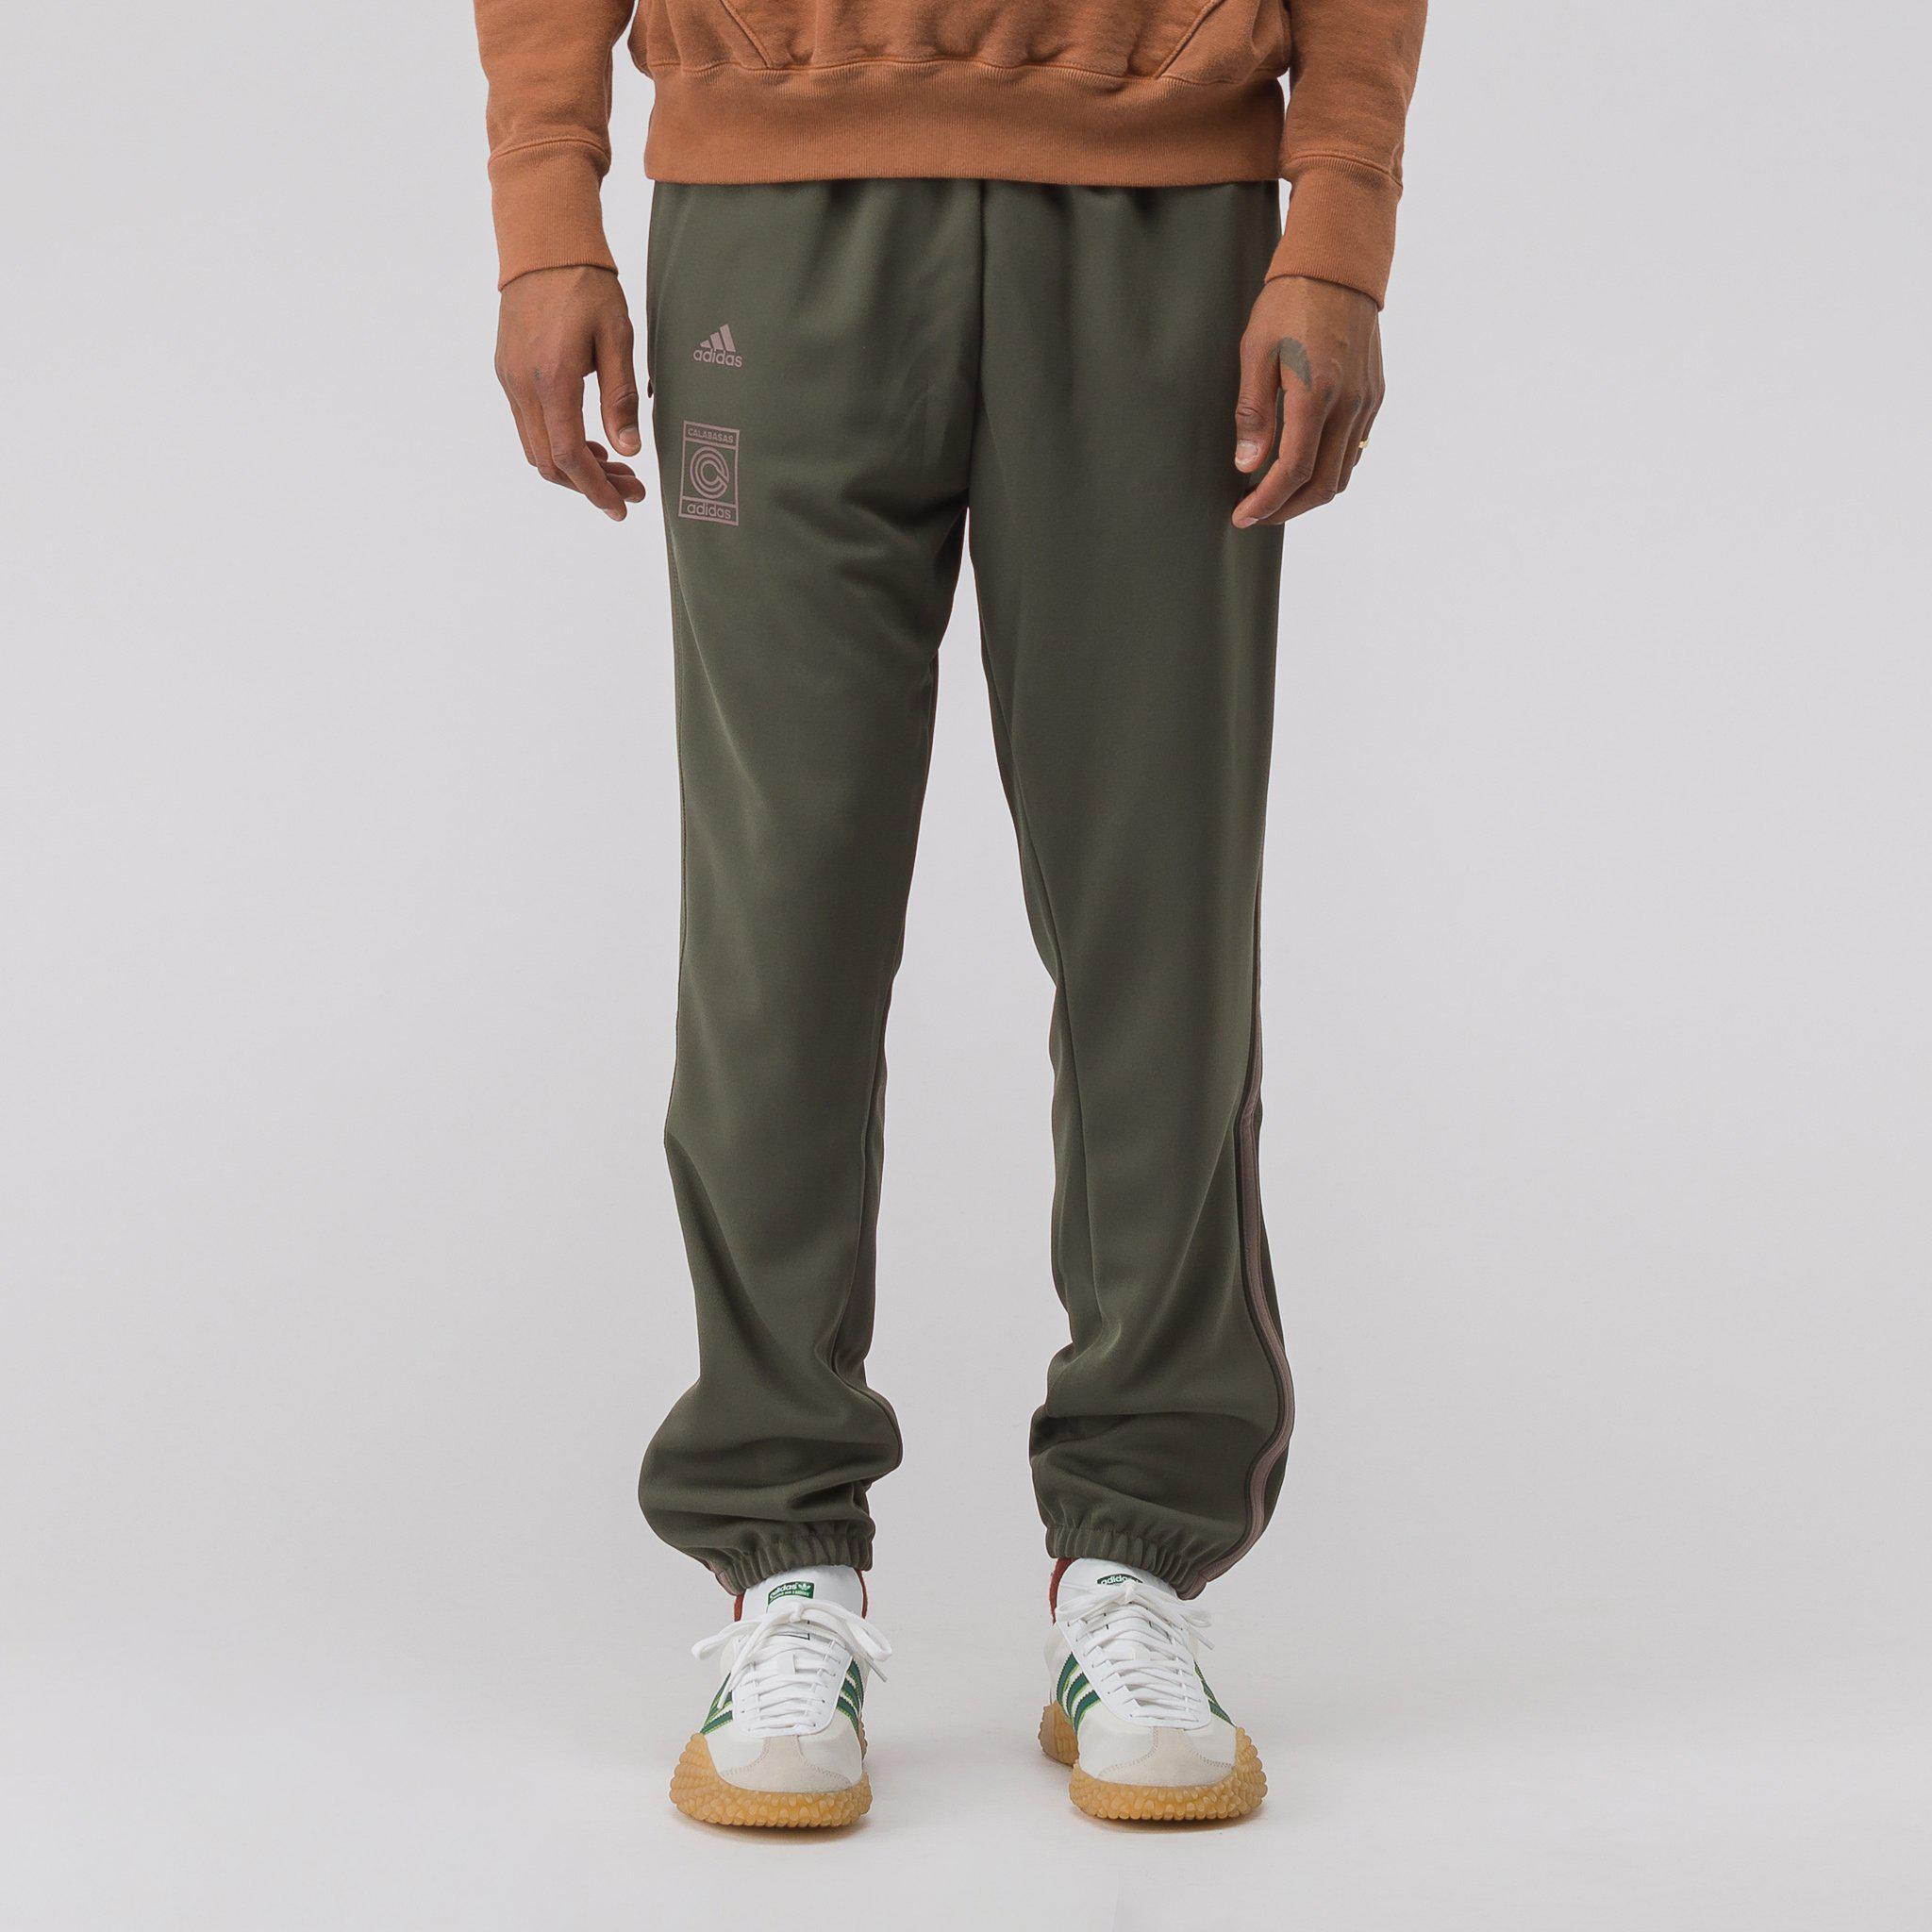 adidas Synthetic Calabasas Track Pant